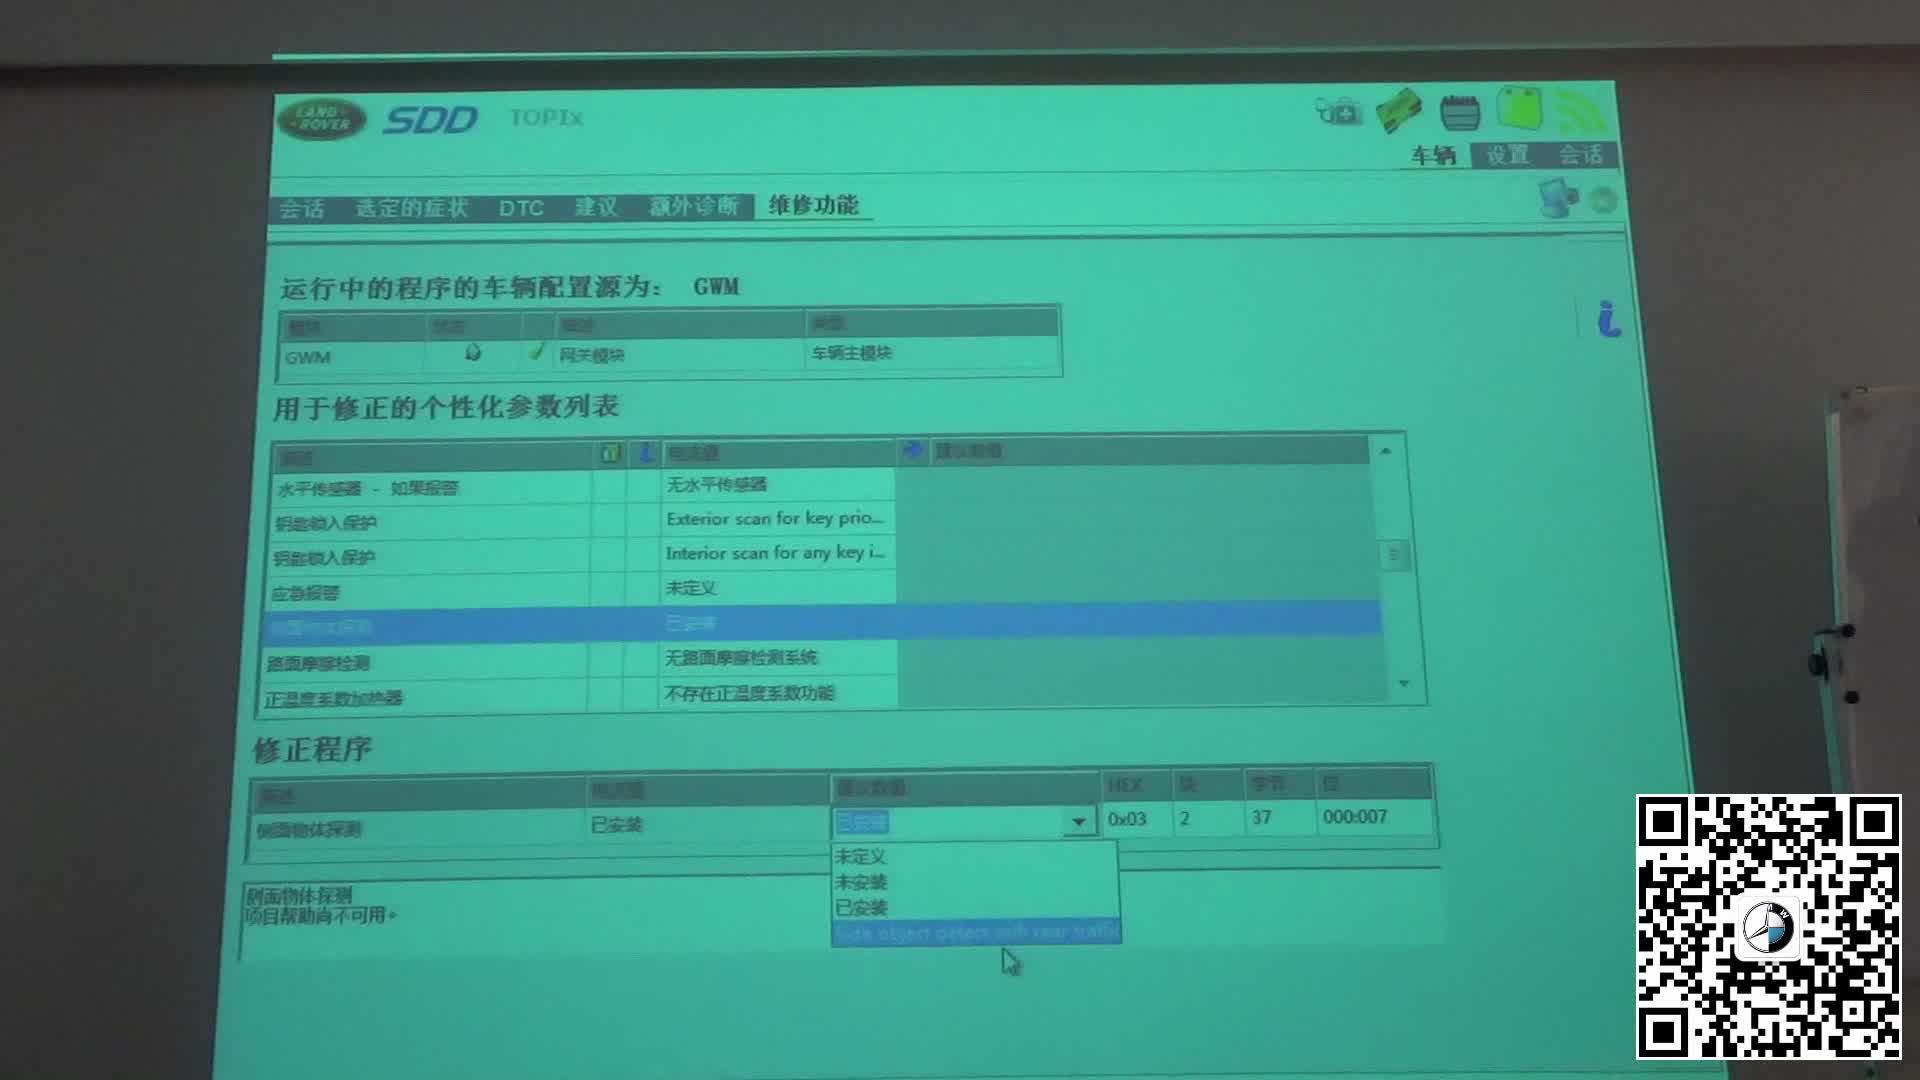 路虎工程师-SDD刷隐藏与改装低配升高配设置-2